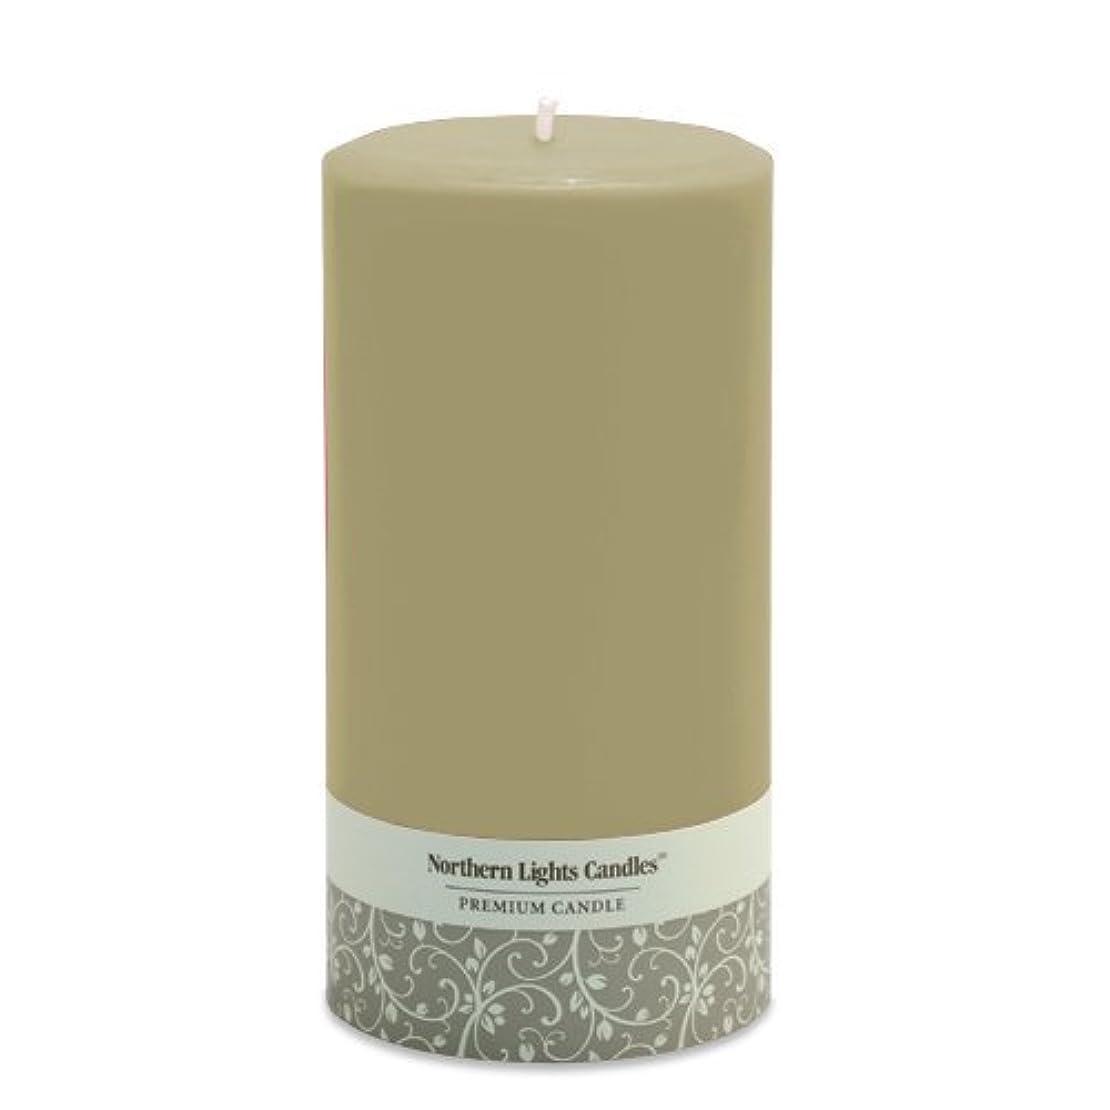 責任セーターところでNorthern Lights Candles Fragrance Free Pillar Candle, 3 by 6-Inch, Sand [並行輸入品]